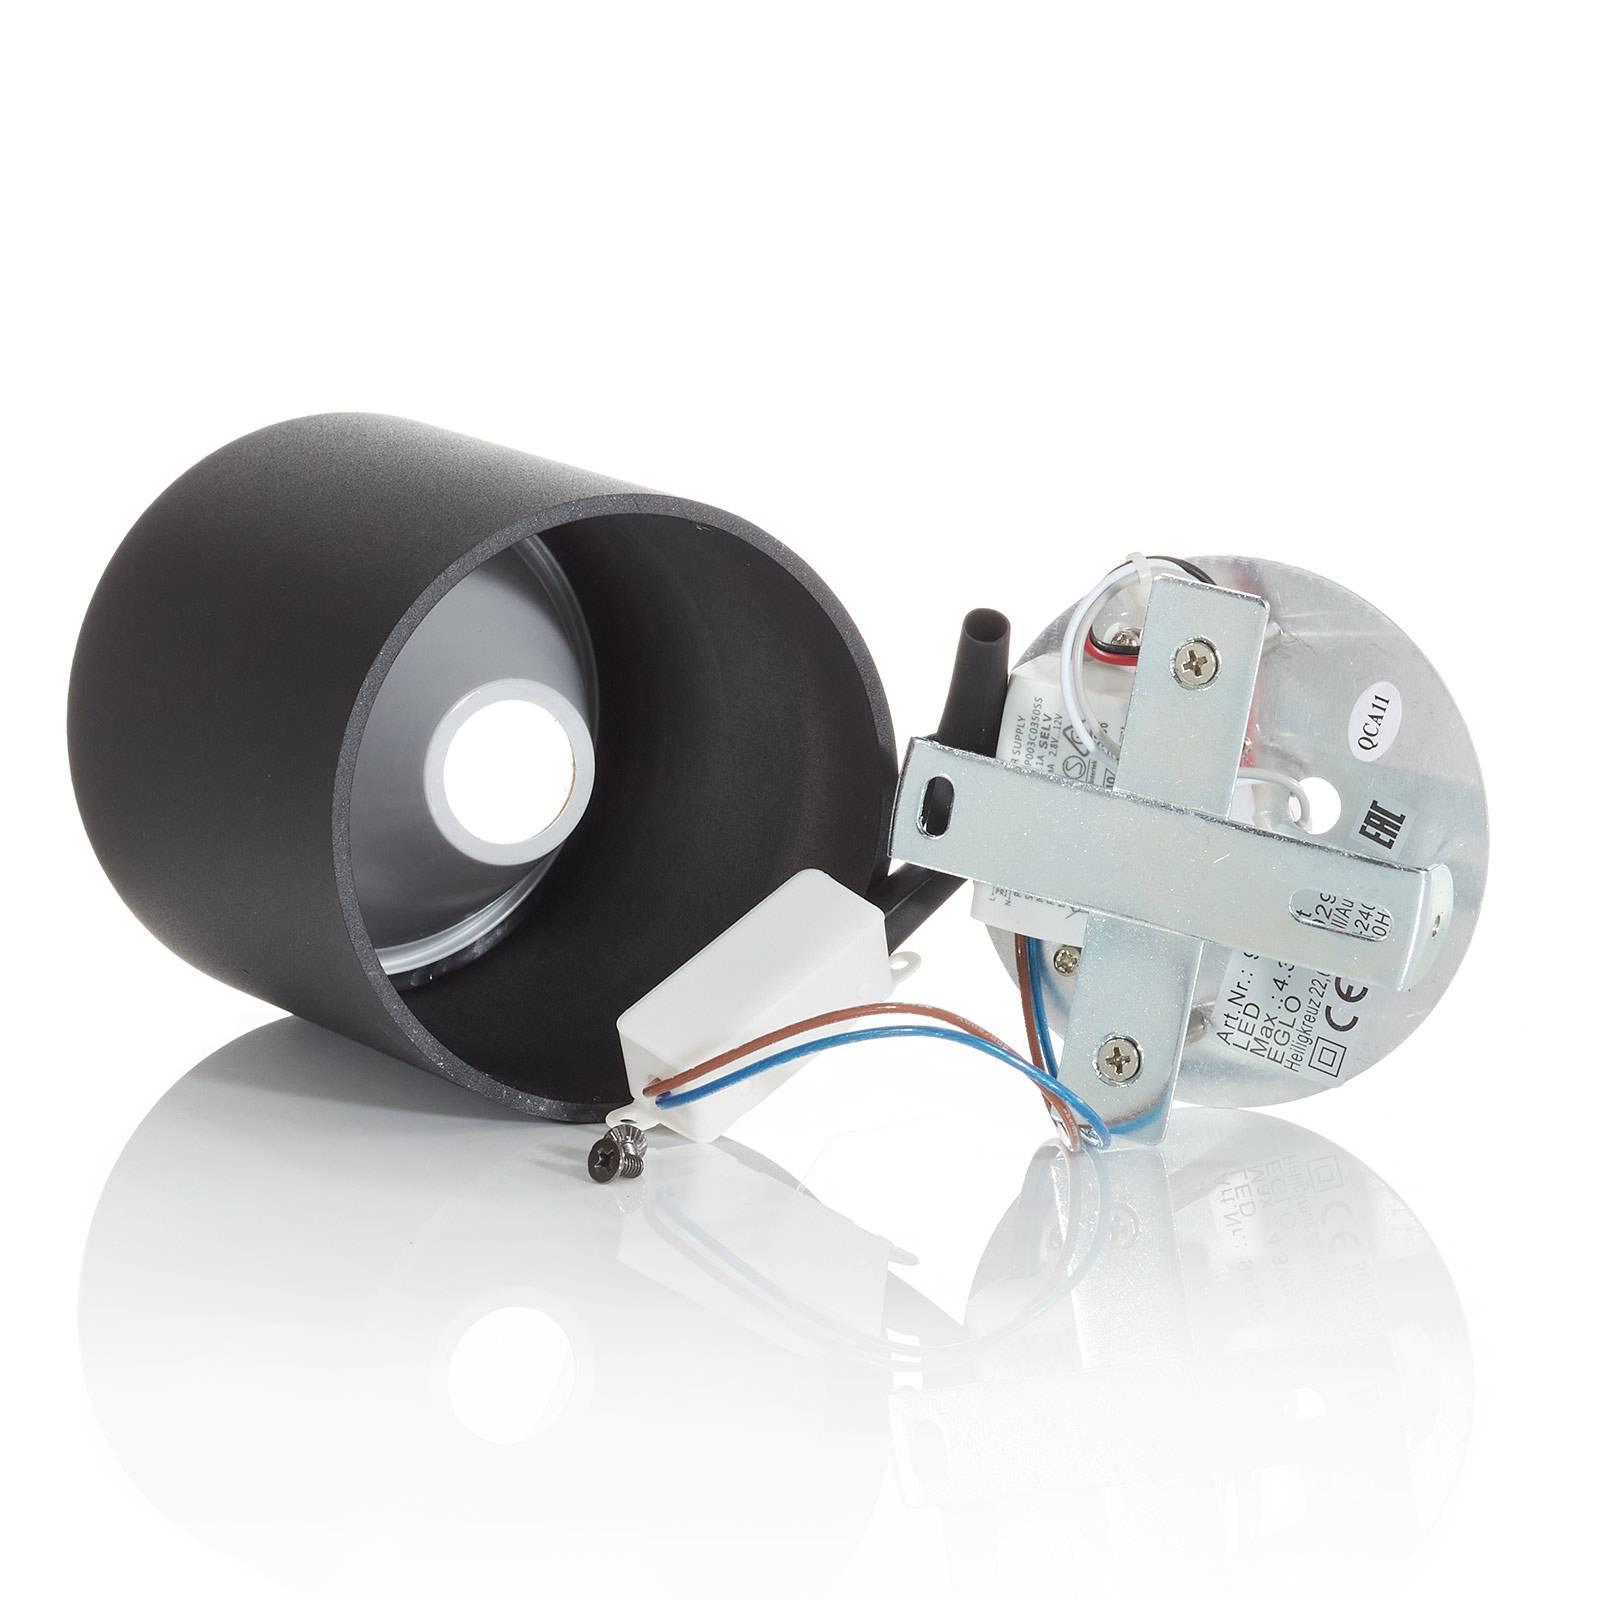 Lampa sufitowa LED Polasso okrągła, czarno-złota